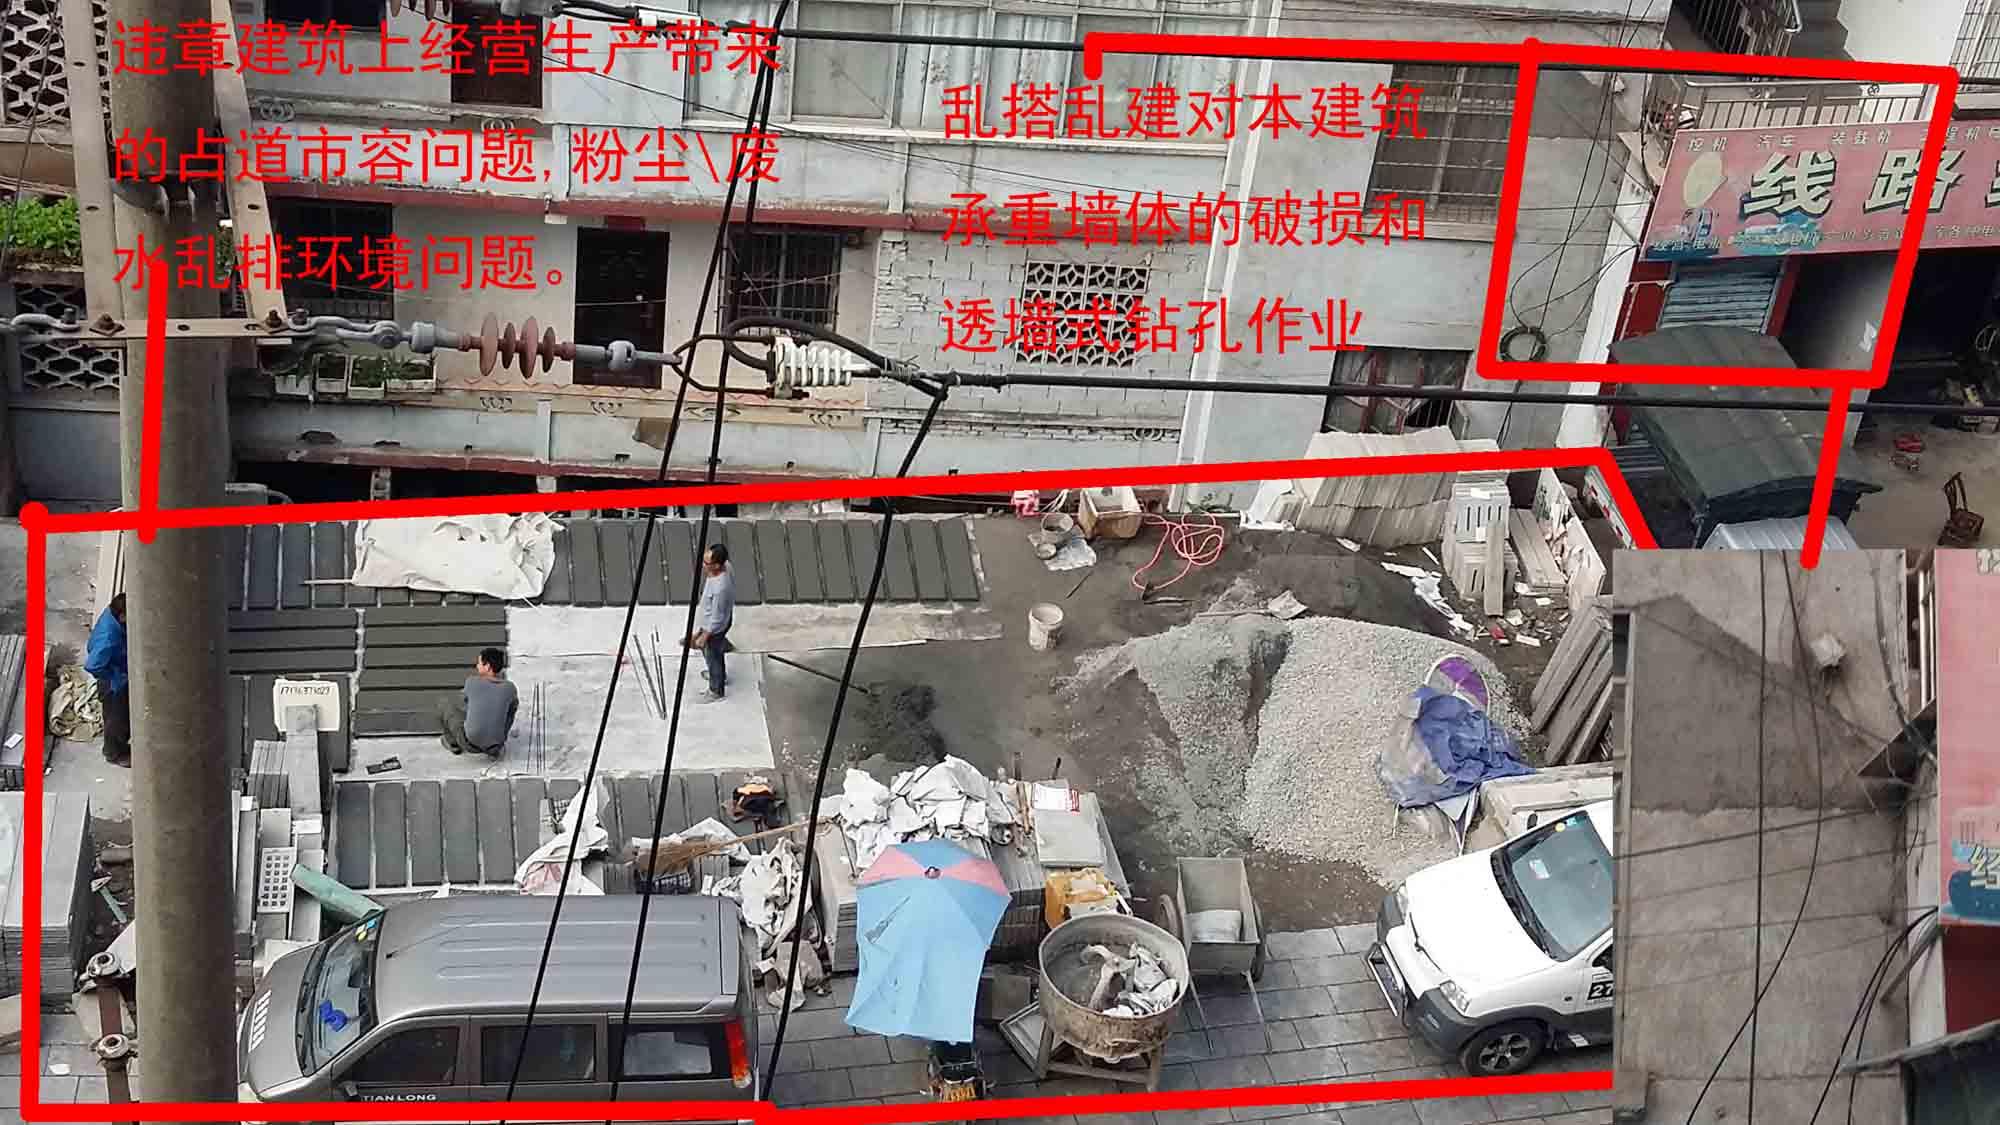 桑植县澧源镇违章建筑猖獗,已埋下公共、消防安全隐患(图)